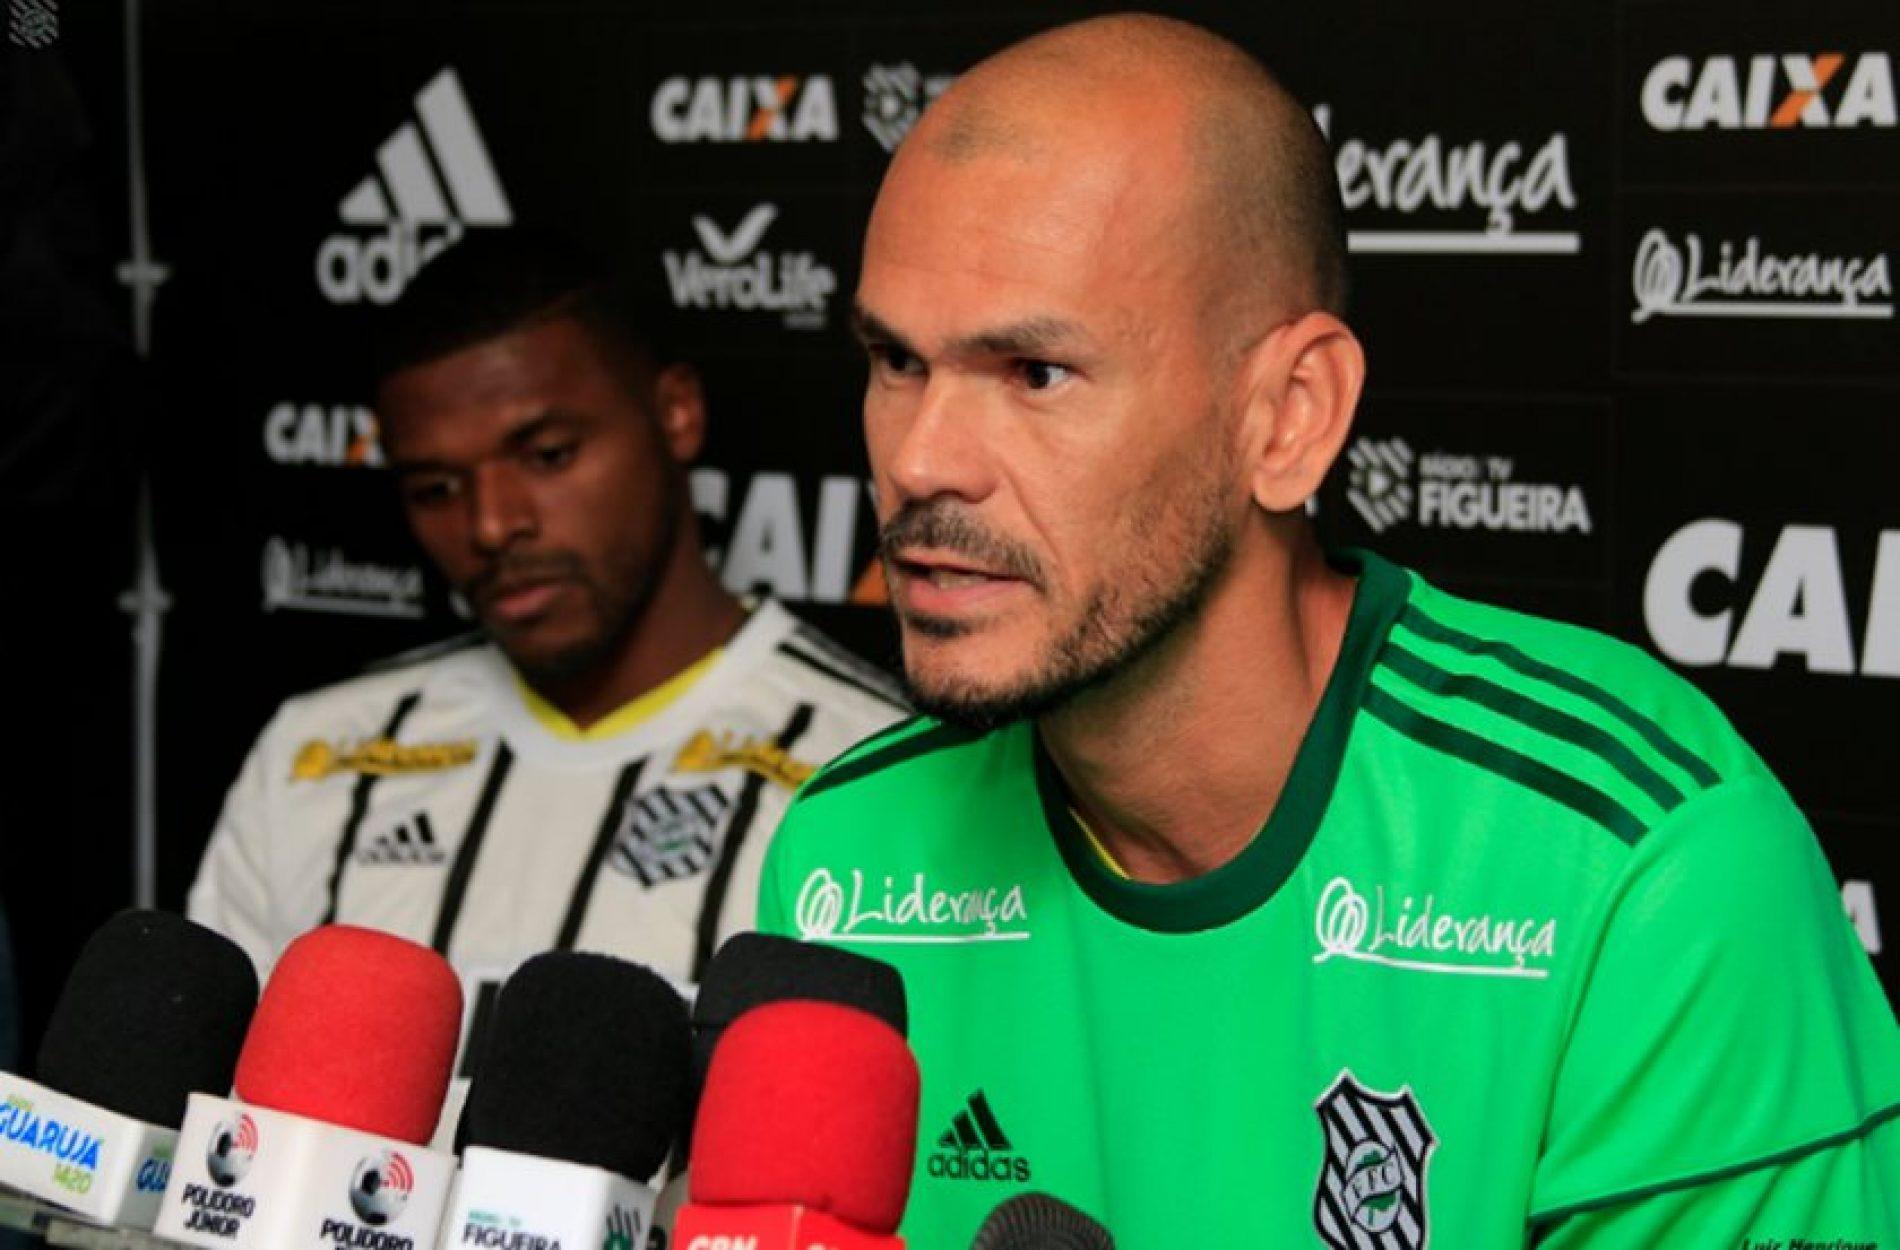 Brasileirão 2017: após falha, goleiro deixa jogo e vai embora de táxi